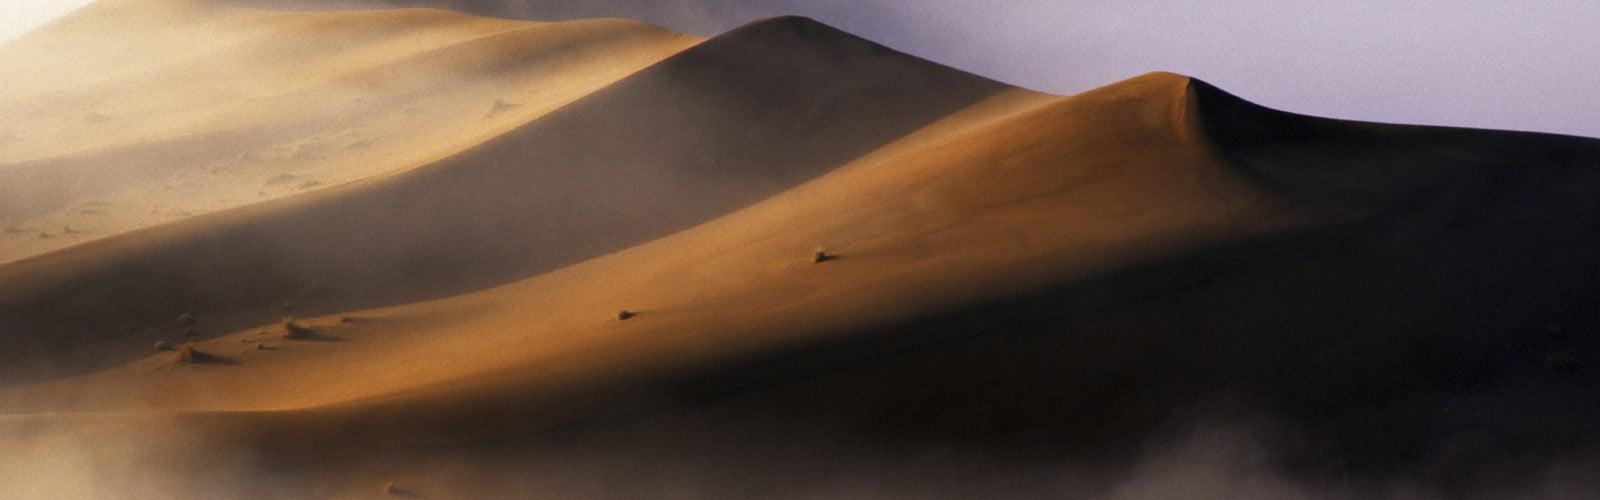 Sossuvlei-dunes